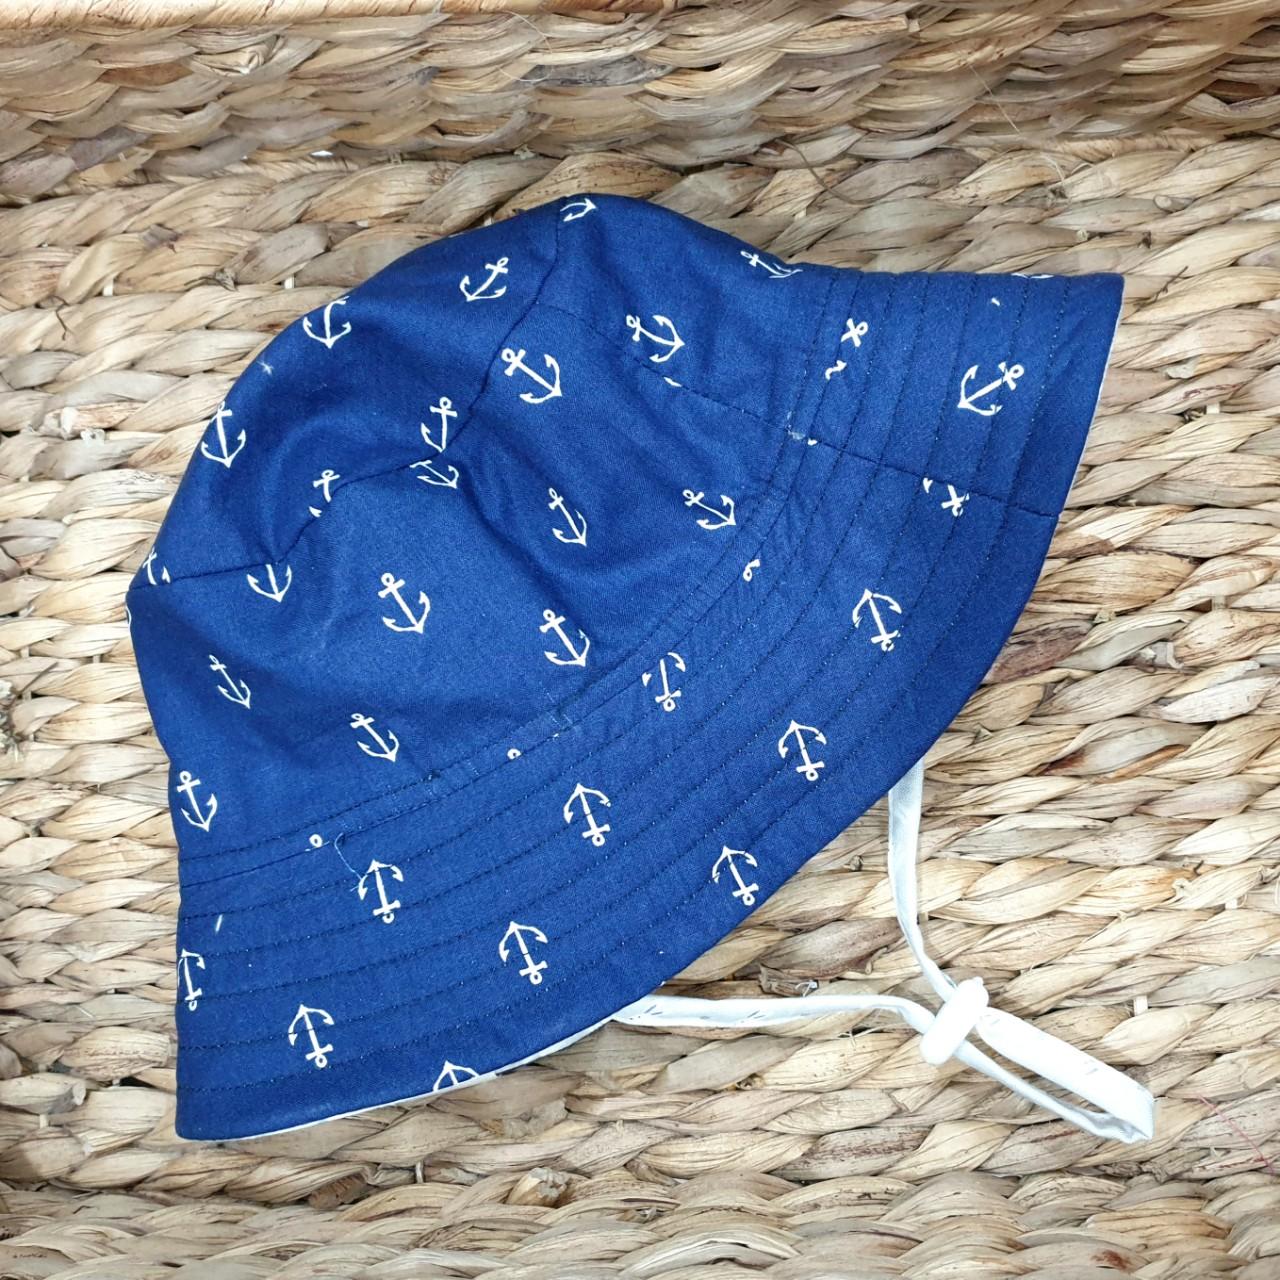 Mũ tai bèo, mũ tròn rộng vành, bucket cho bé từ 0 - 12 tuổi mẫu mỏ neo xanh tím than đáng yêu. Mũ đội 2 mặt chống nắng, tia UV đi biển, dã ngoại